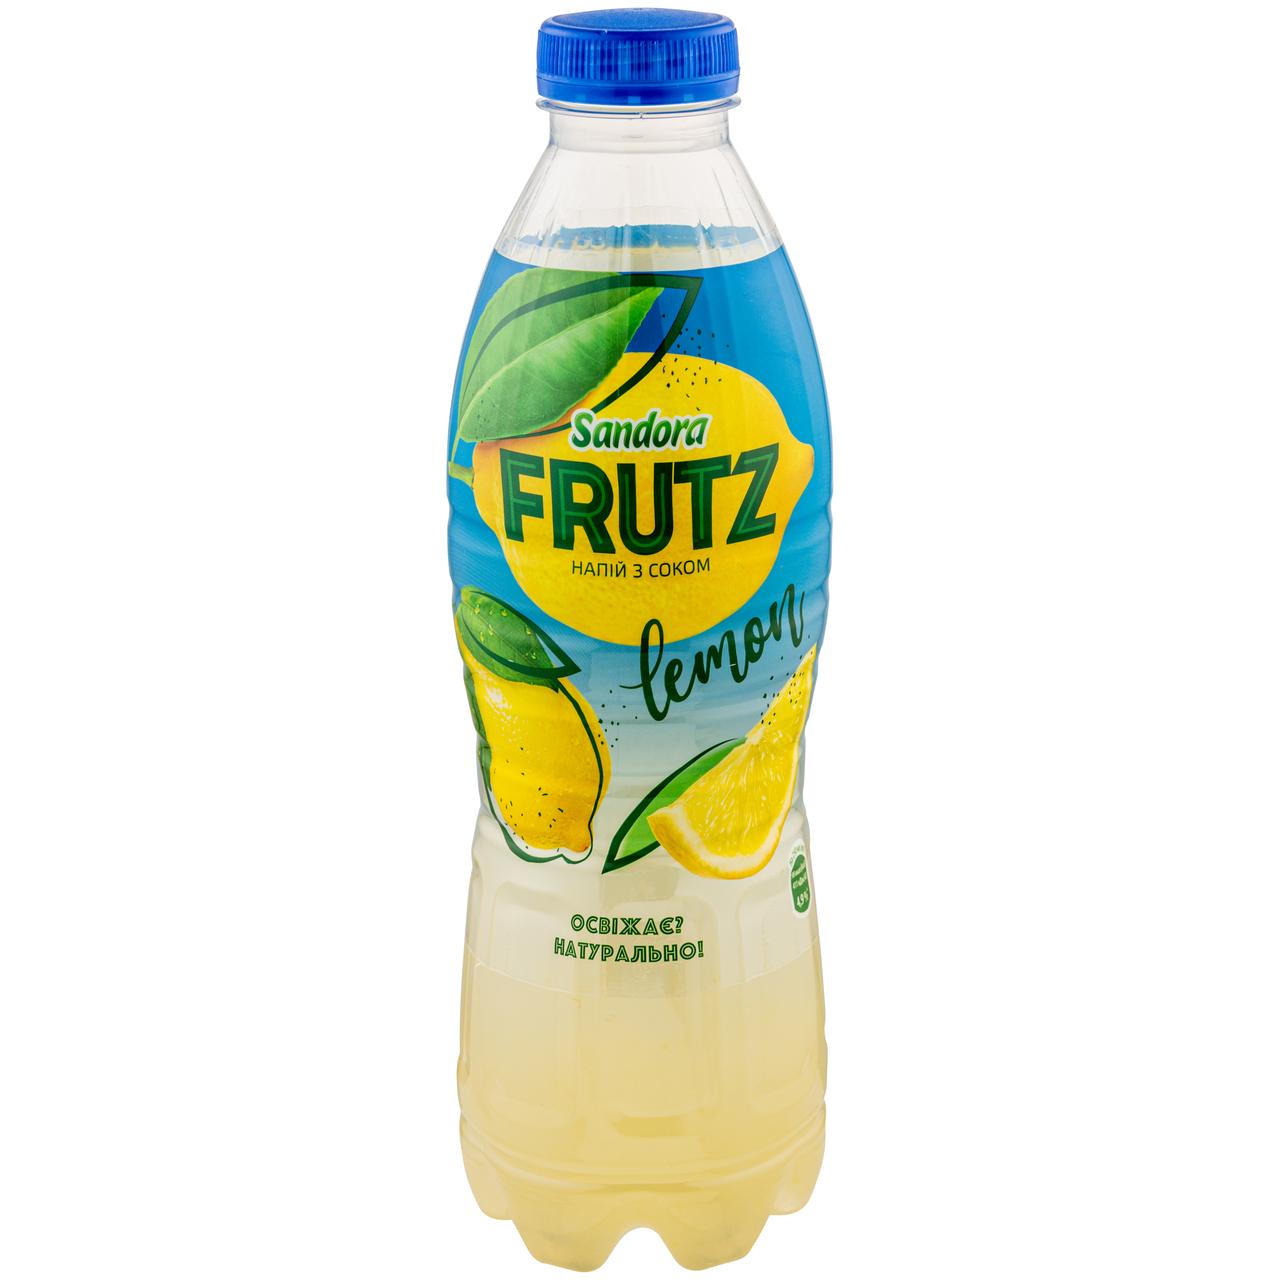 Напій соковмісний Sandora Frutz Лимон негазований 1л